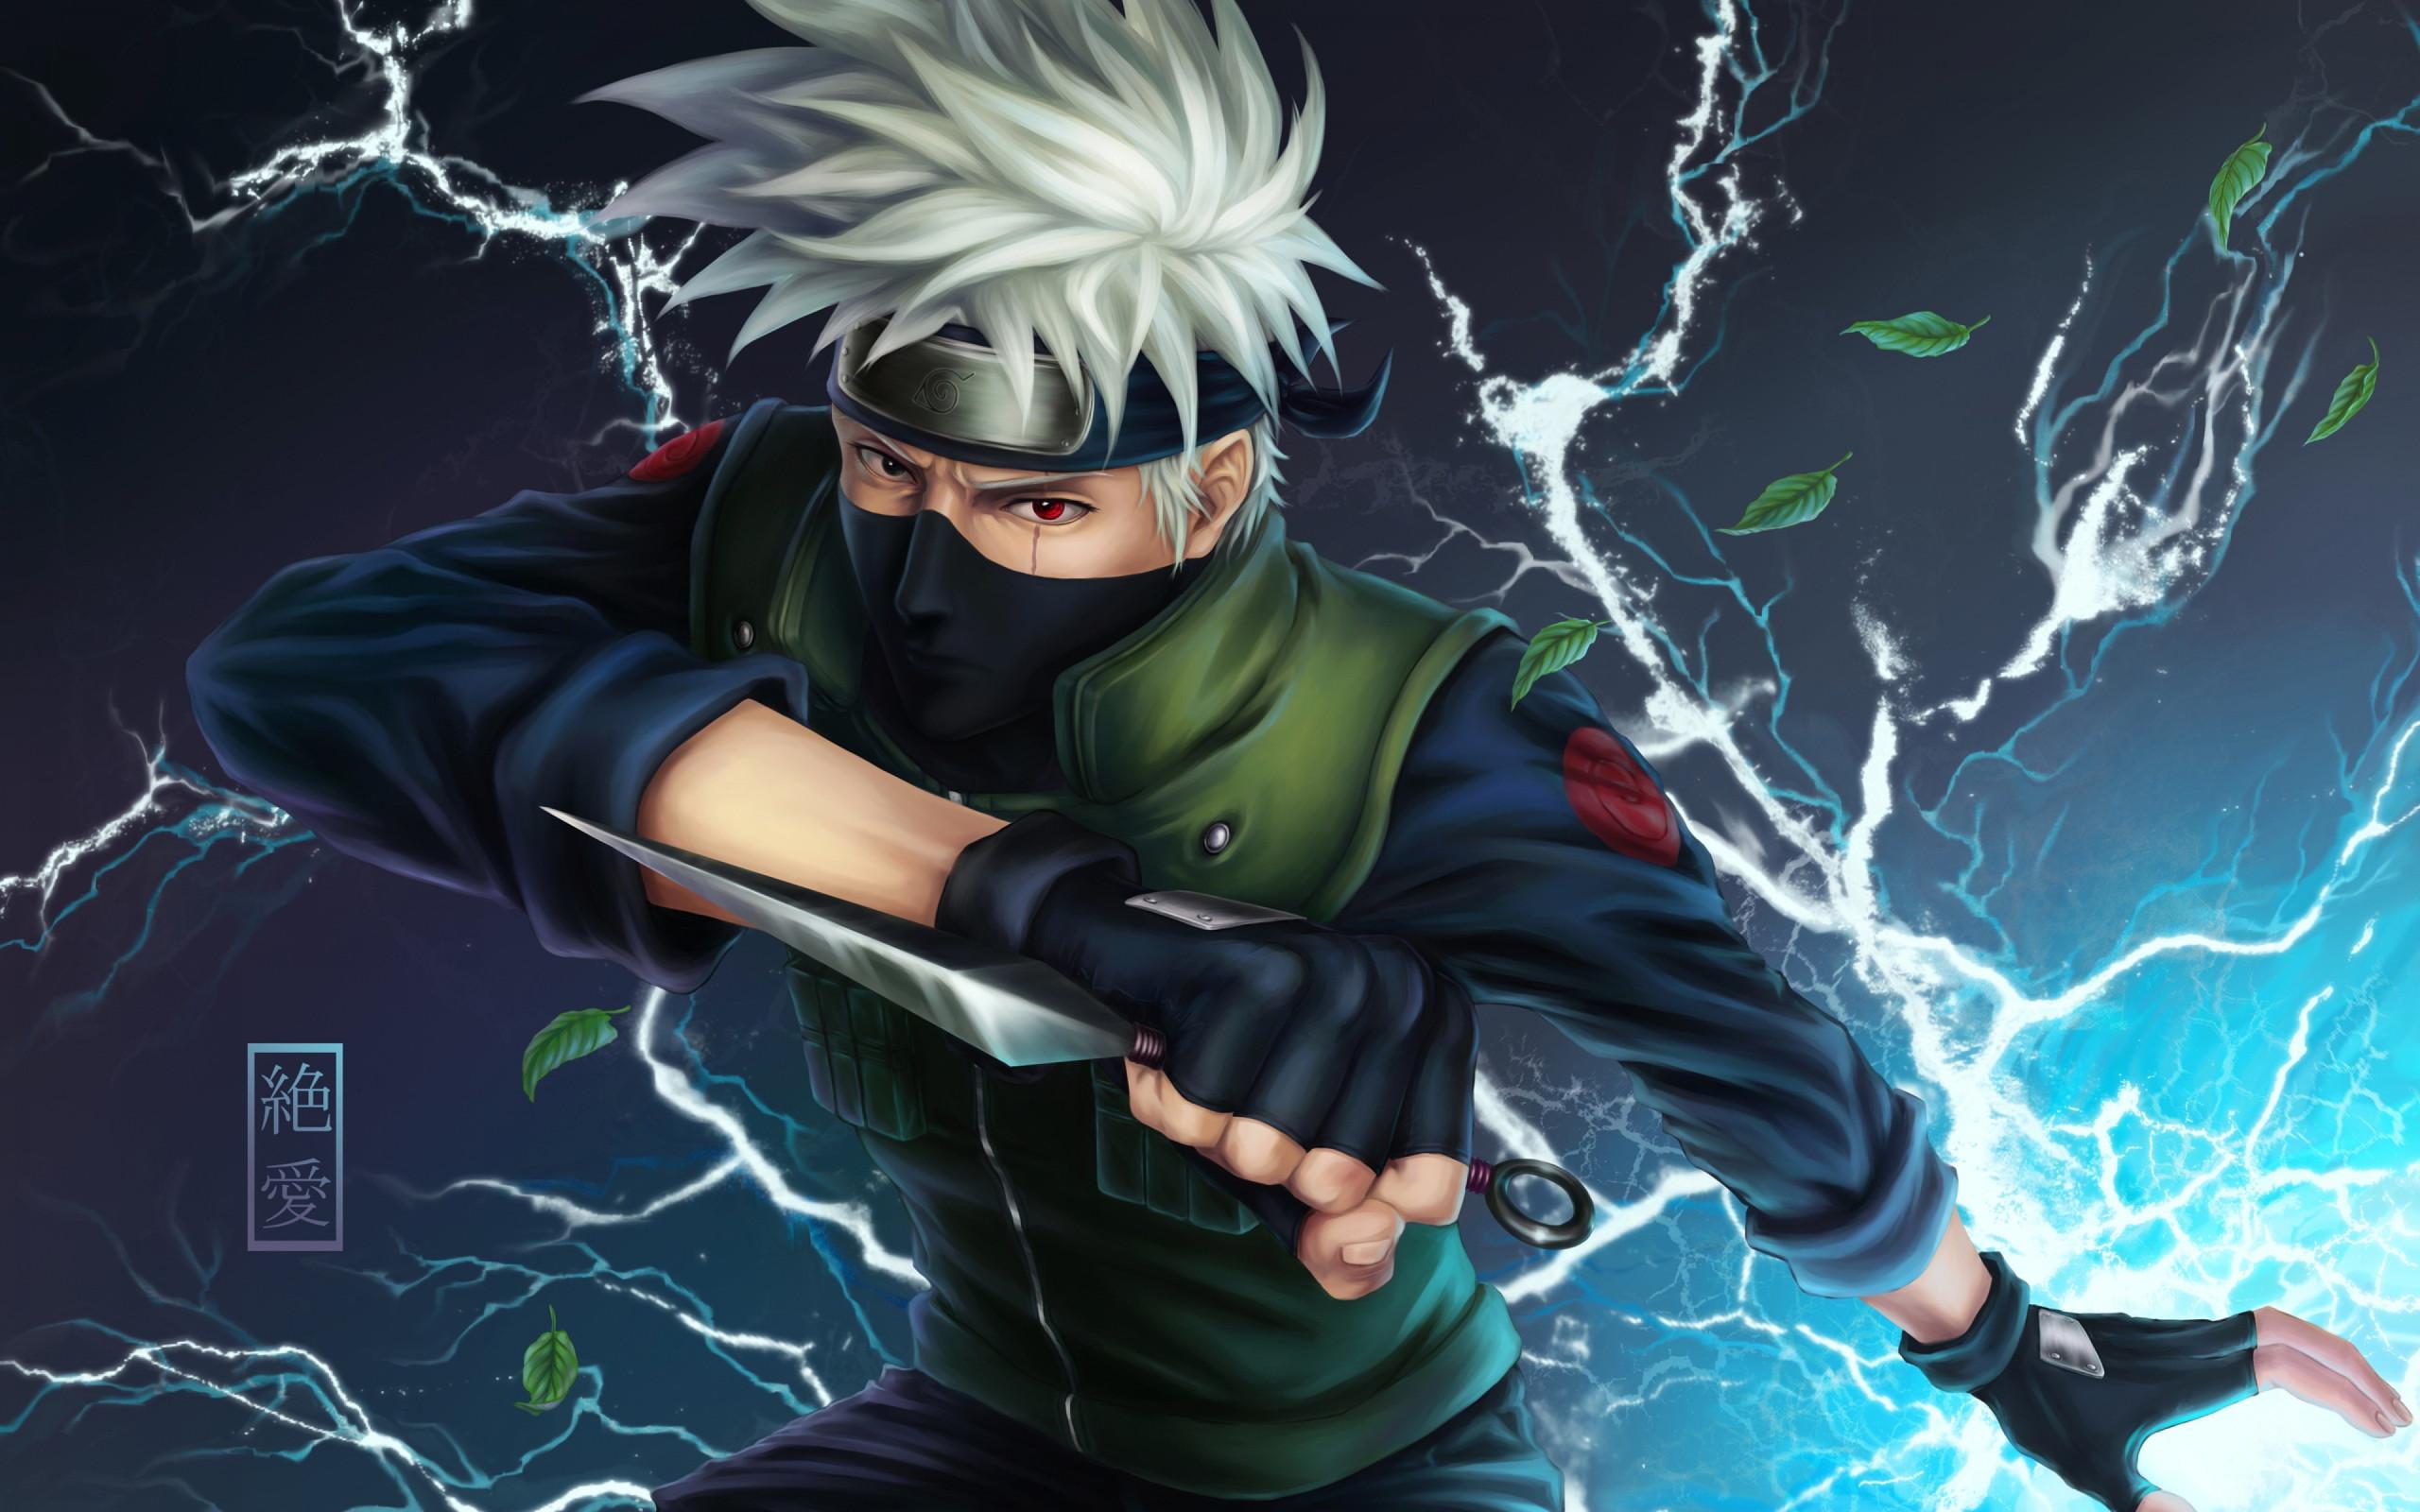 Nếu ngày thường bạn vẫn luôn tìm kiếm, sưu tầm hình ảnh về bộ phim hoạt hình Naruto thì từ nay bạn không cần vất vả tìm kiếm nữa rồi, ...